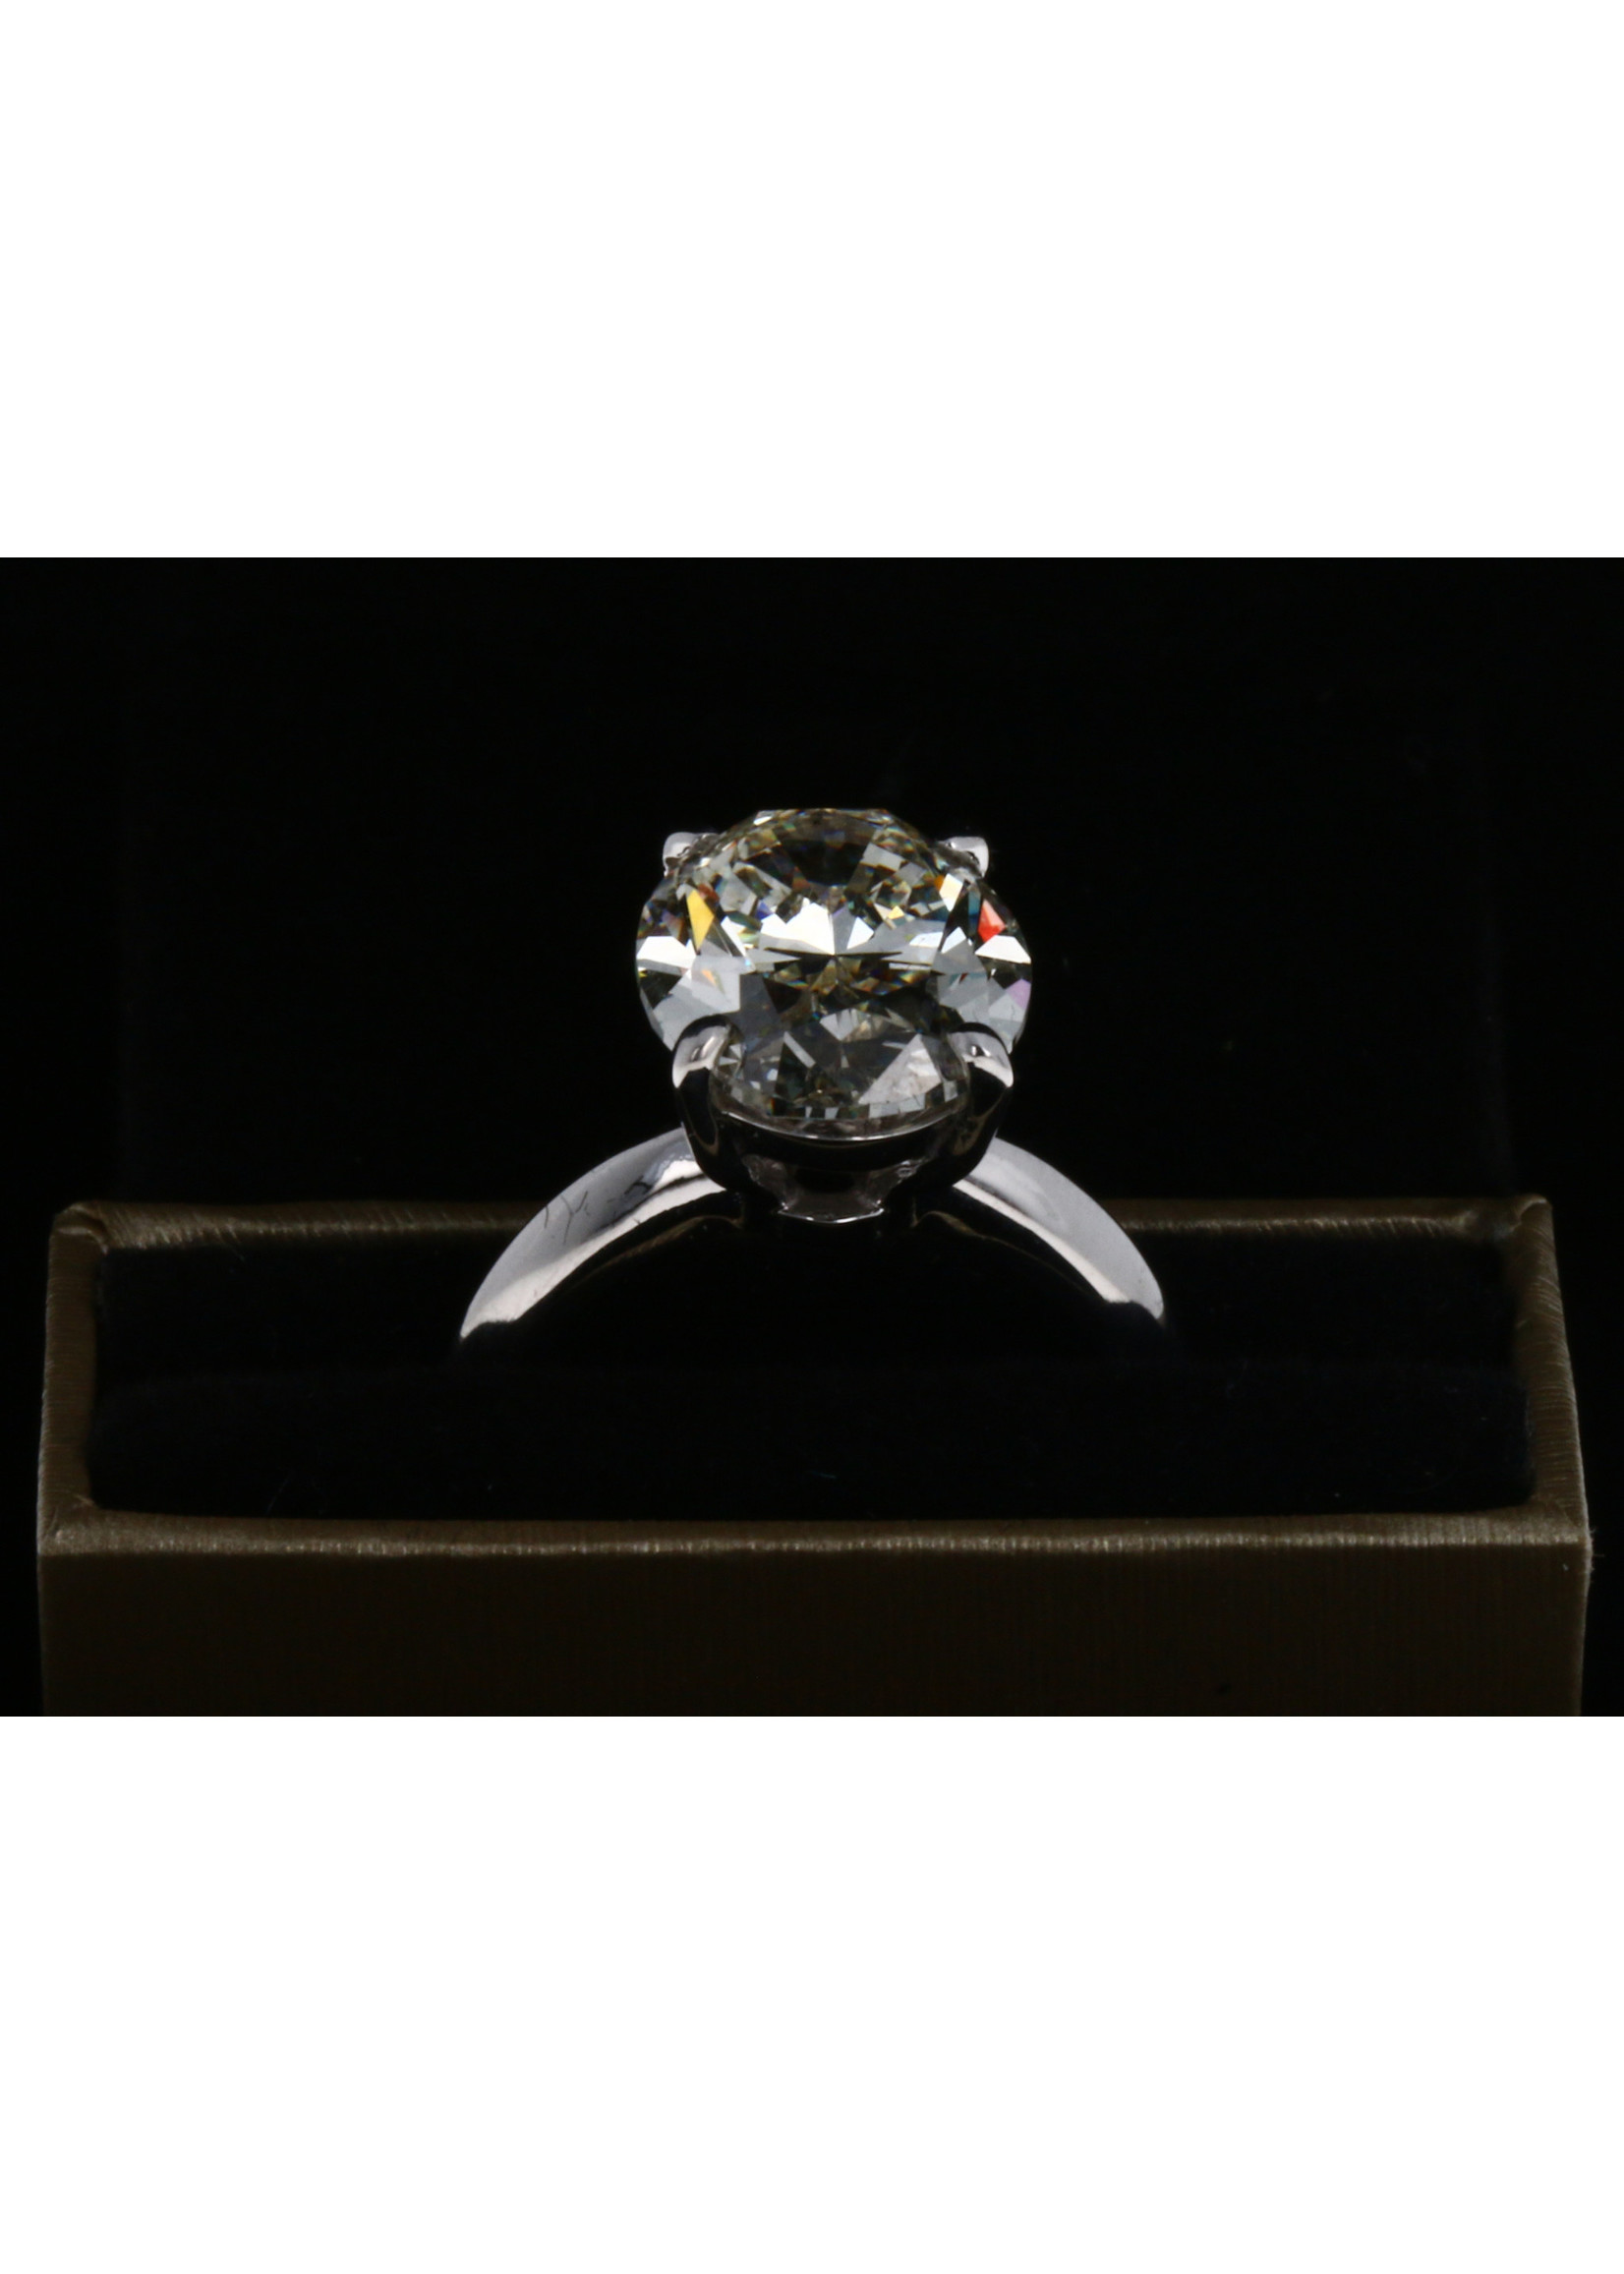 5.97 CT OVAL DIAMOND  RING VS1-K